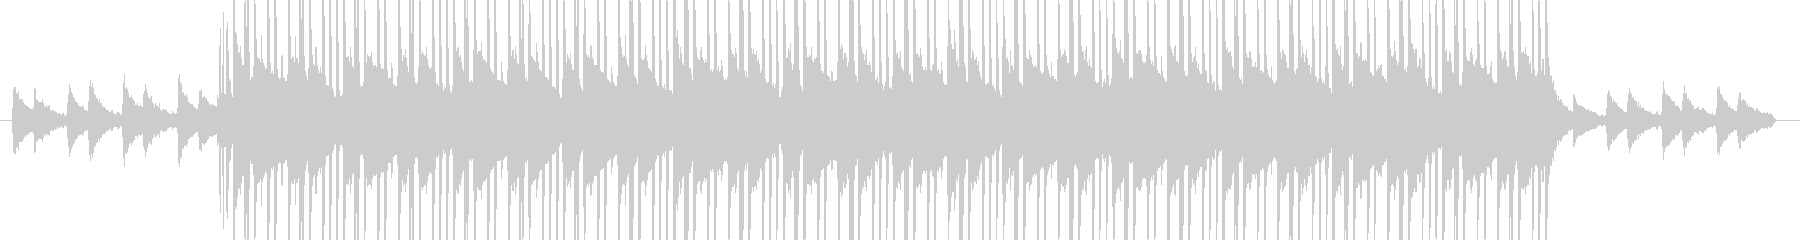 お洒落なピアノ&ジャジーなヒップホップの未再生の波形